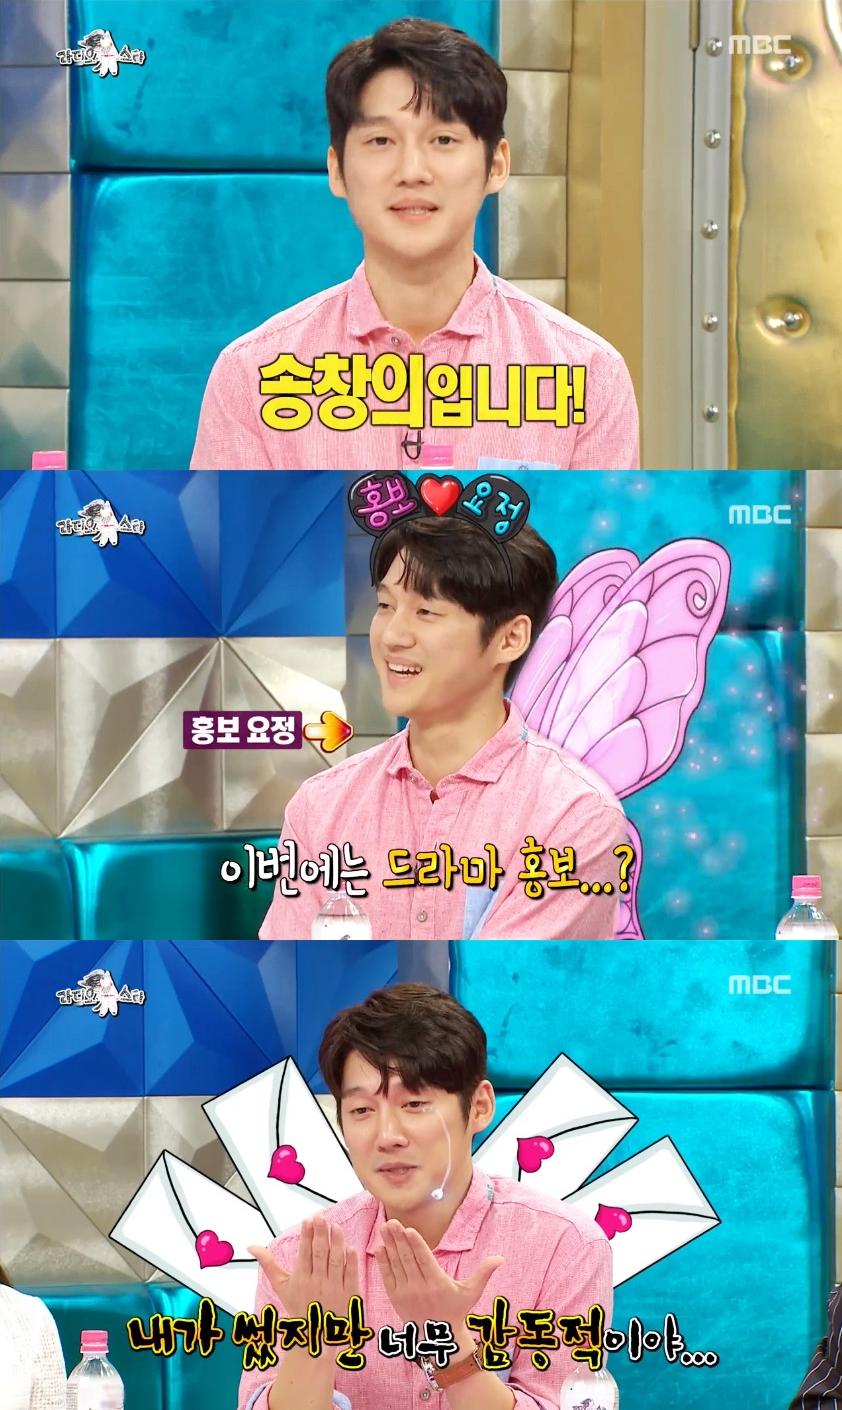 '라디오스타' 송창의, 억울할수록 버럭할수록 귀여운 허당미(美) 발산!